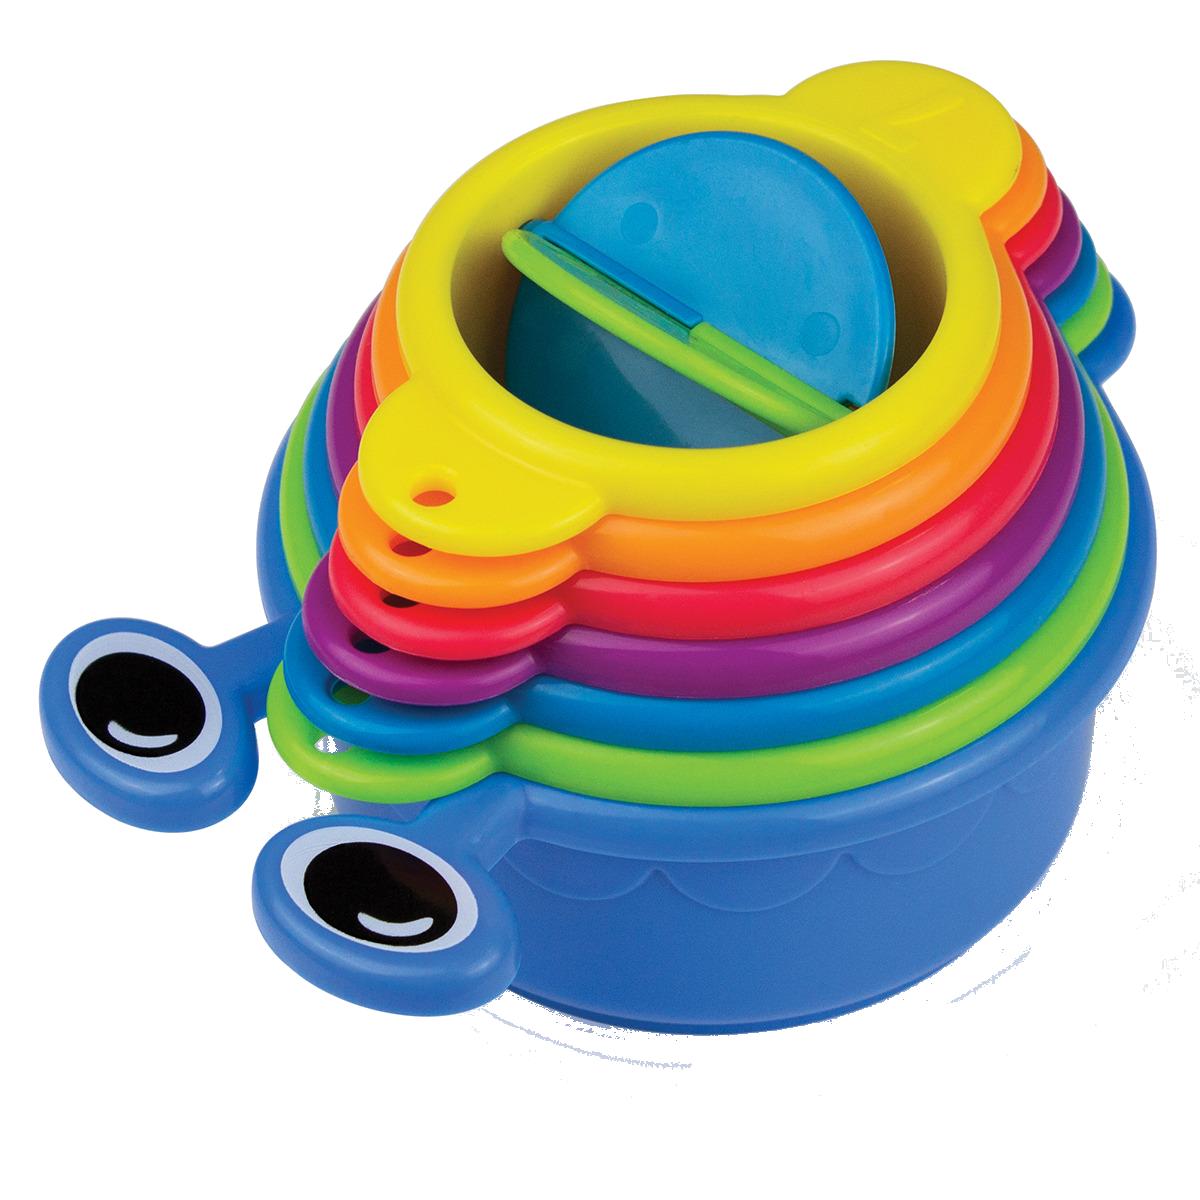 Χρωματιστά ποτήρια μπάνιου Munchkin - Caterpillar Spillers